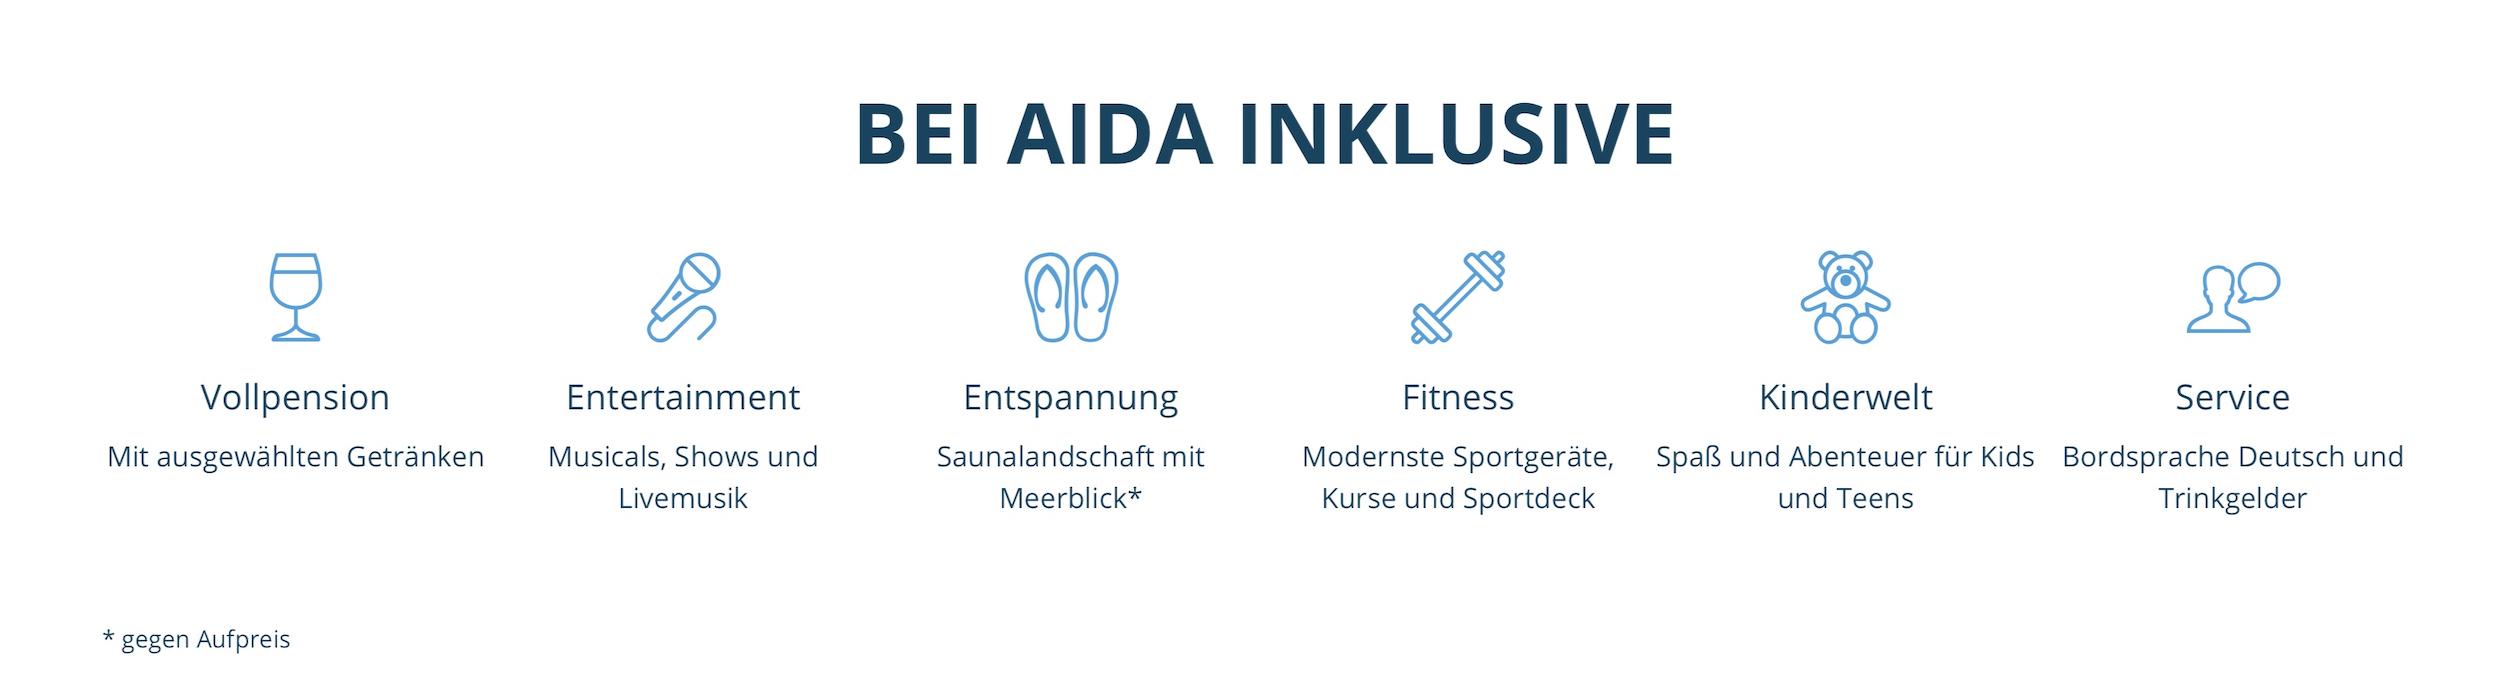 aida-cruises-inklusive-details